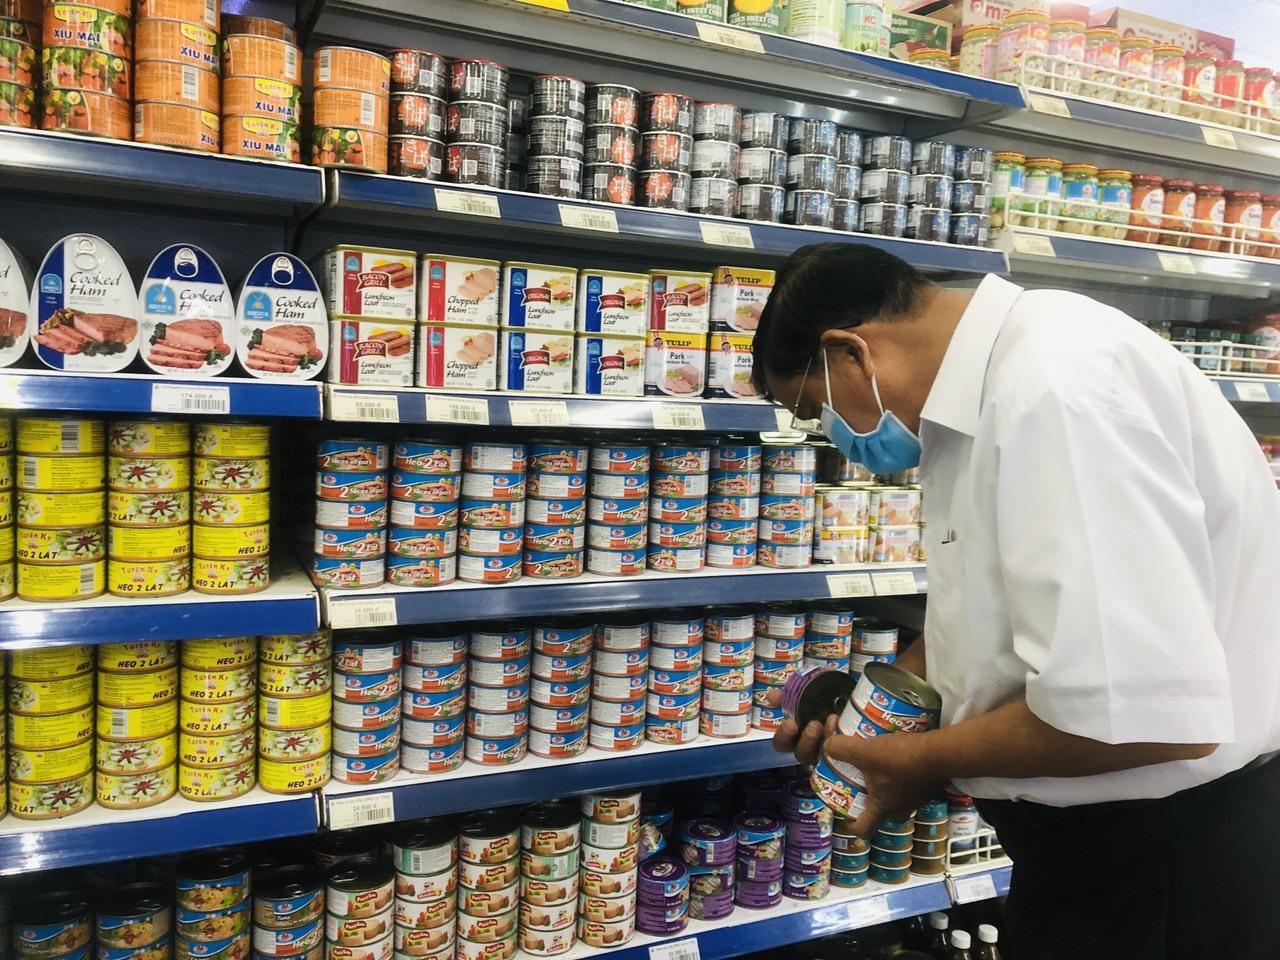 Người tiêu dùng nên lựa chọn các loại thực phẩm có nguồn gốc xuất xứ rõ ràng.Ảnh: L.Q